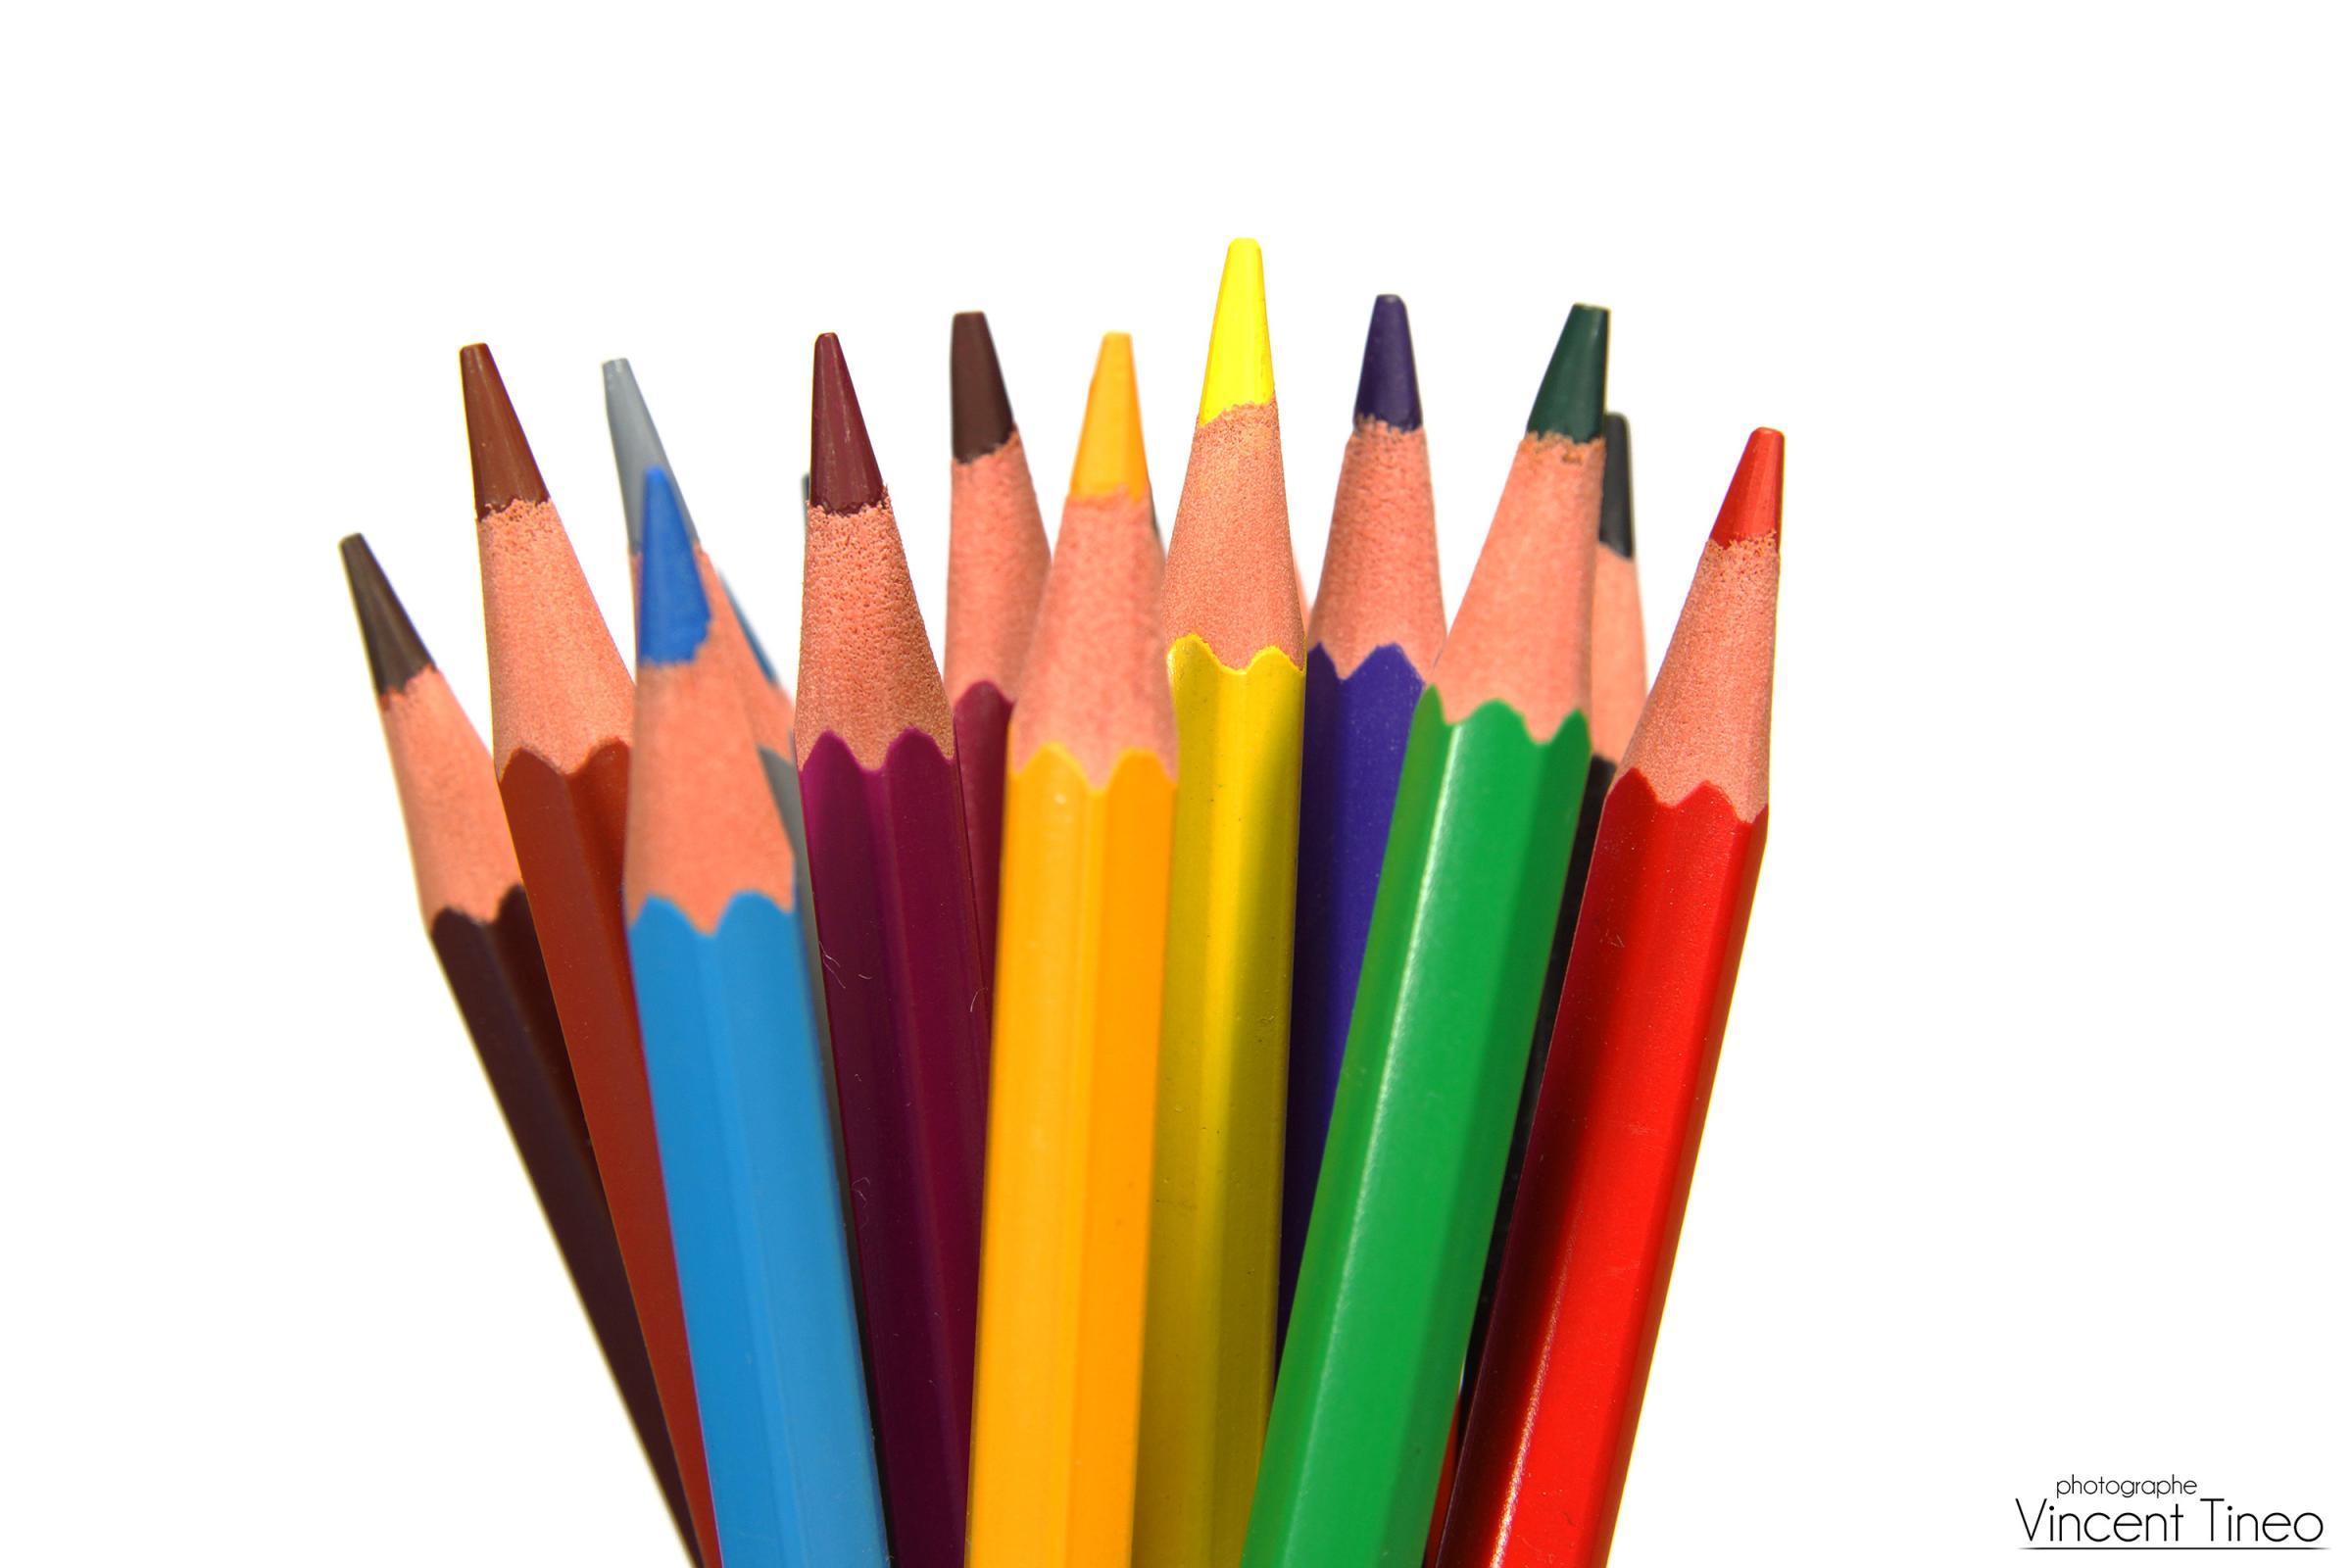 Vincent tineo site perso photos vid os - Tuto trousse crayons de couleur ...